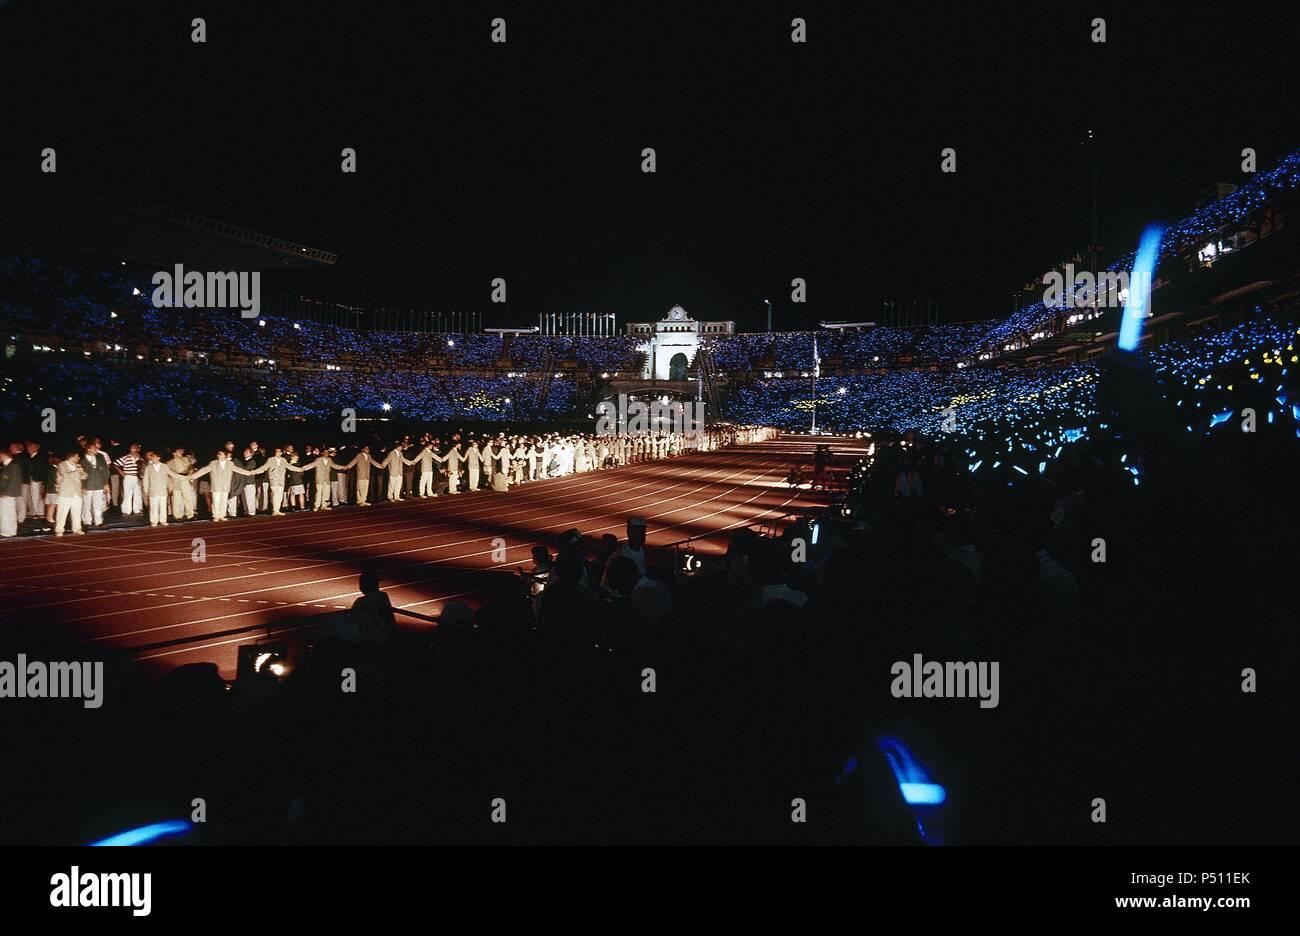 Ceremonia De Inauguracion De Los Juegos Olimpicos De Barcelona 92